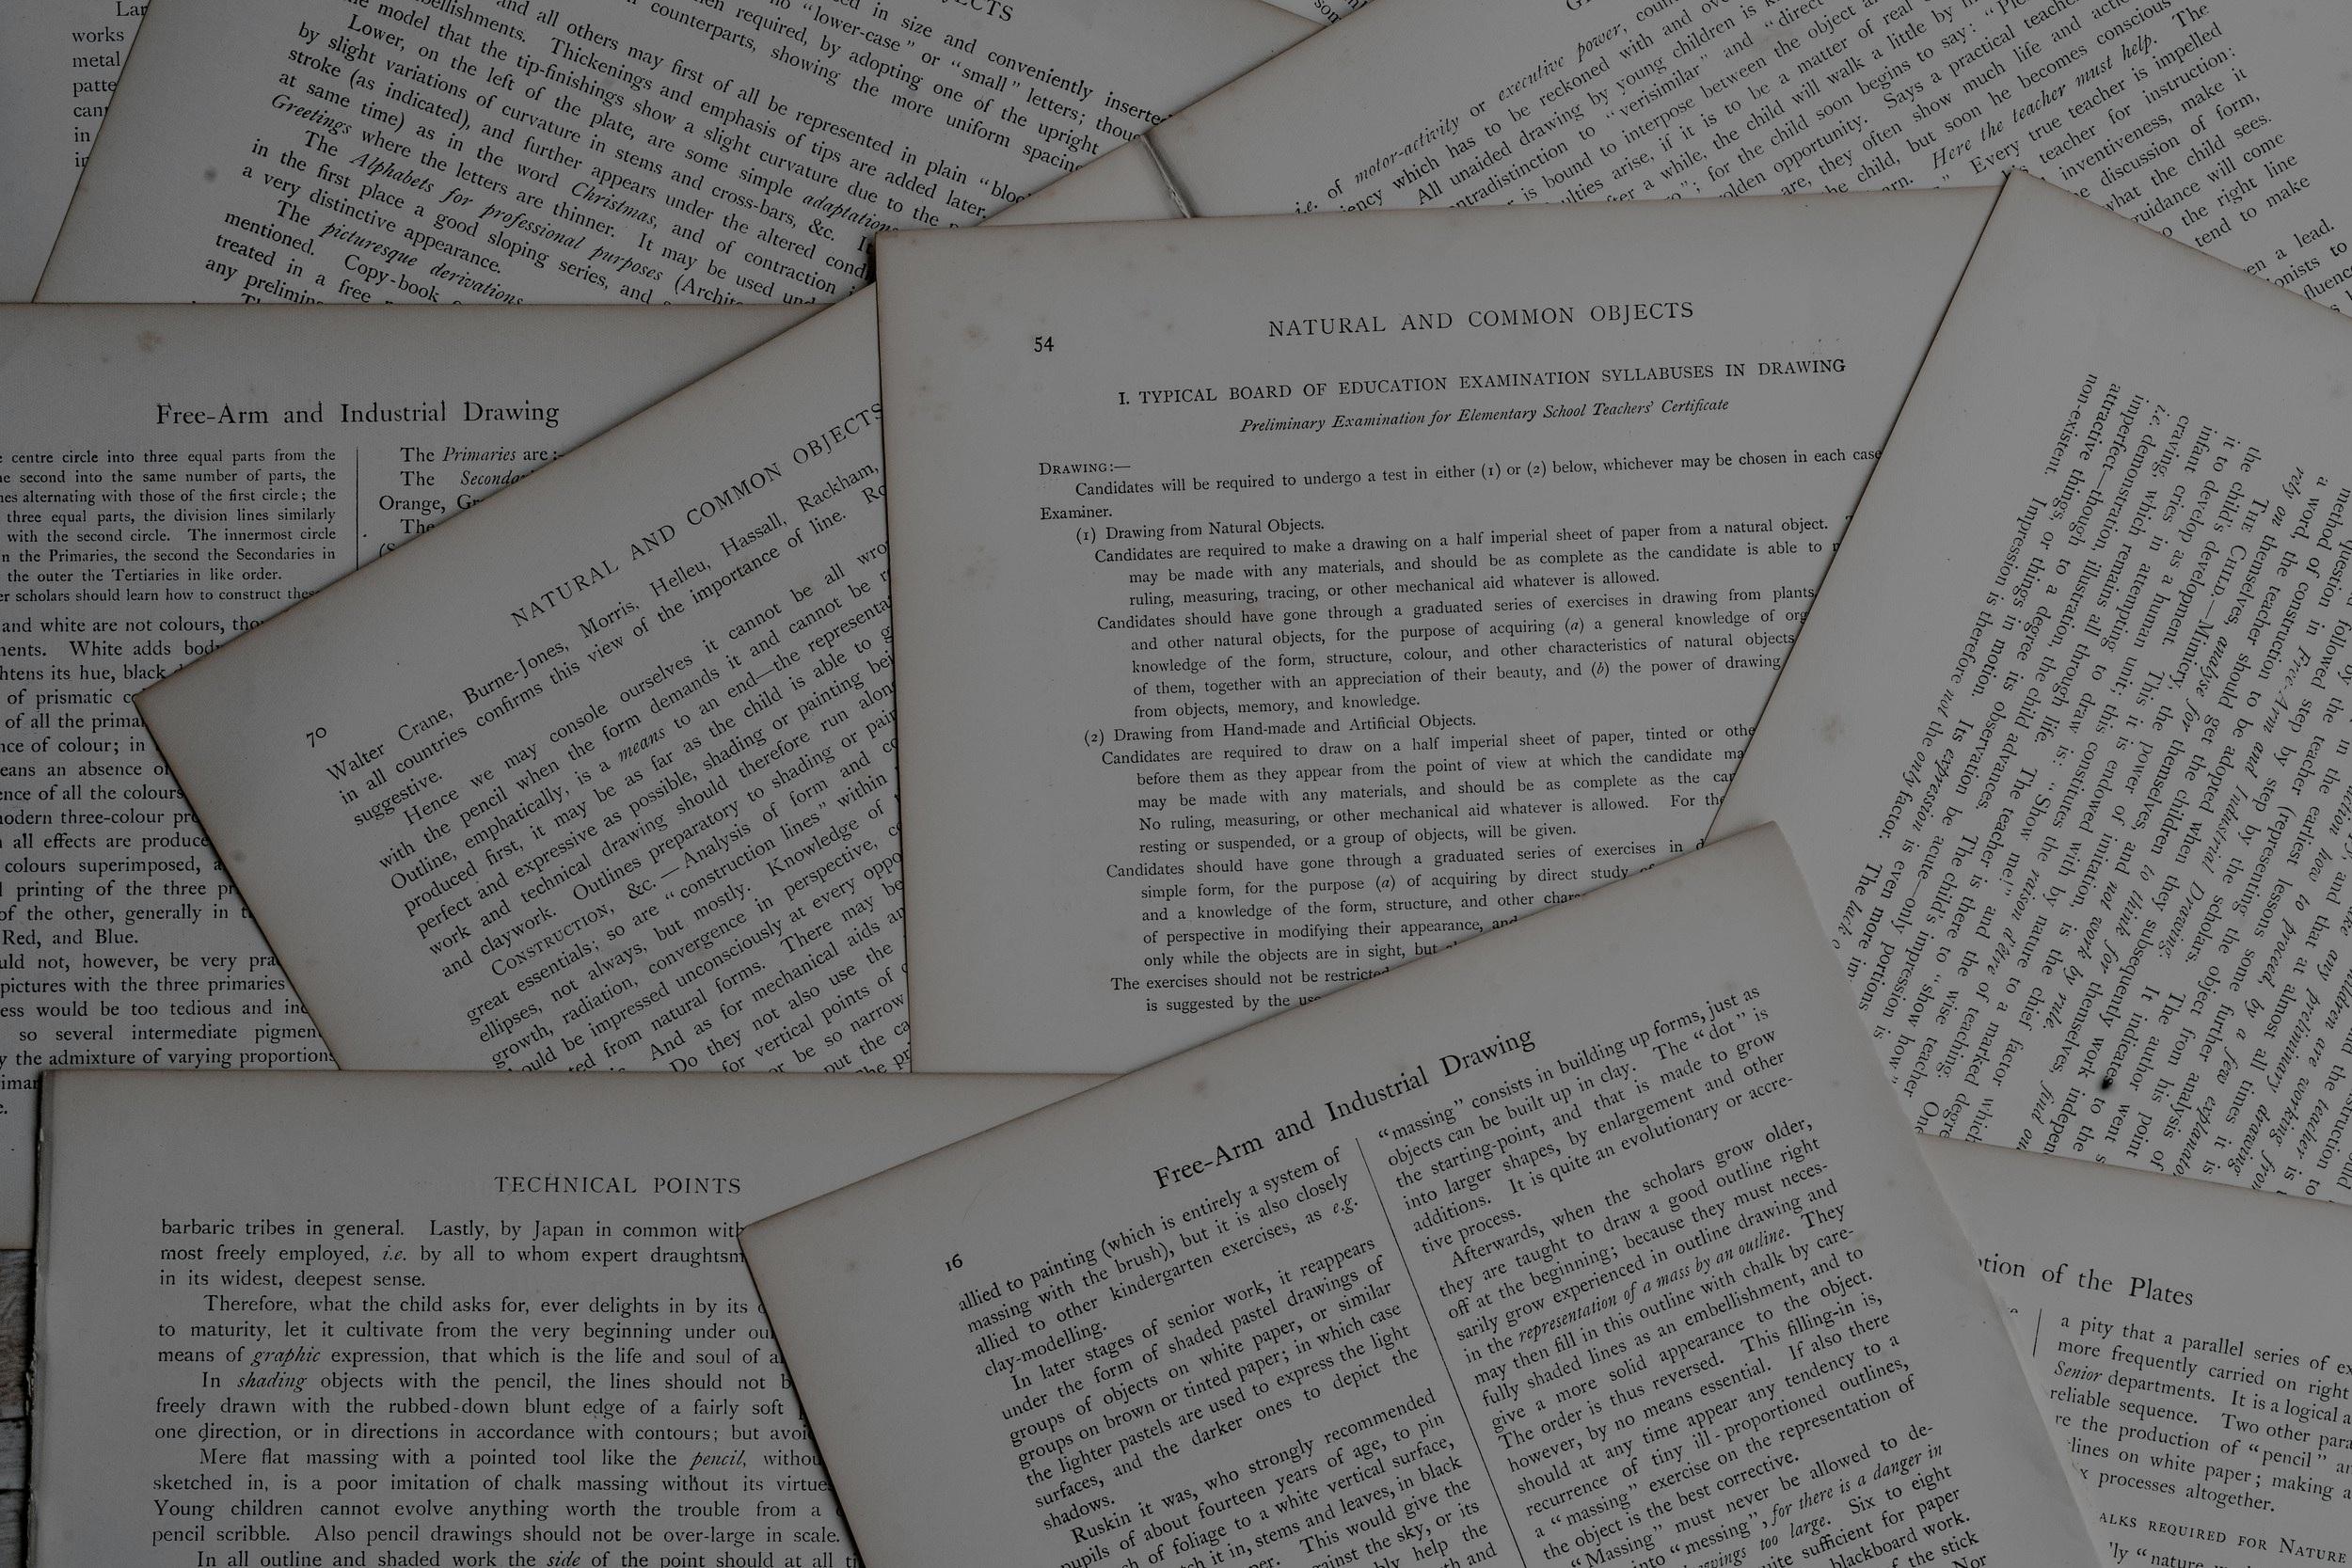 什么是优秀的防御性公开? - - 及时性- 可访问性- 可发现行- 无可争辩的出版日期